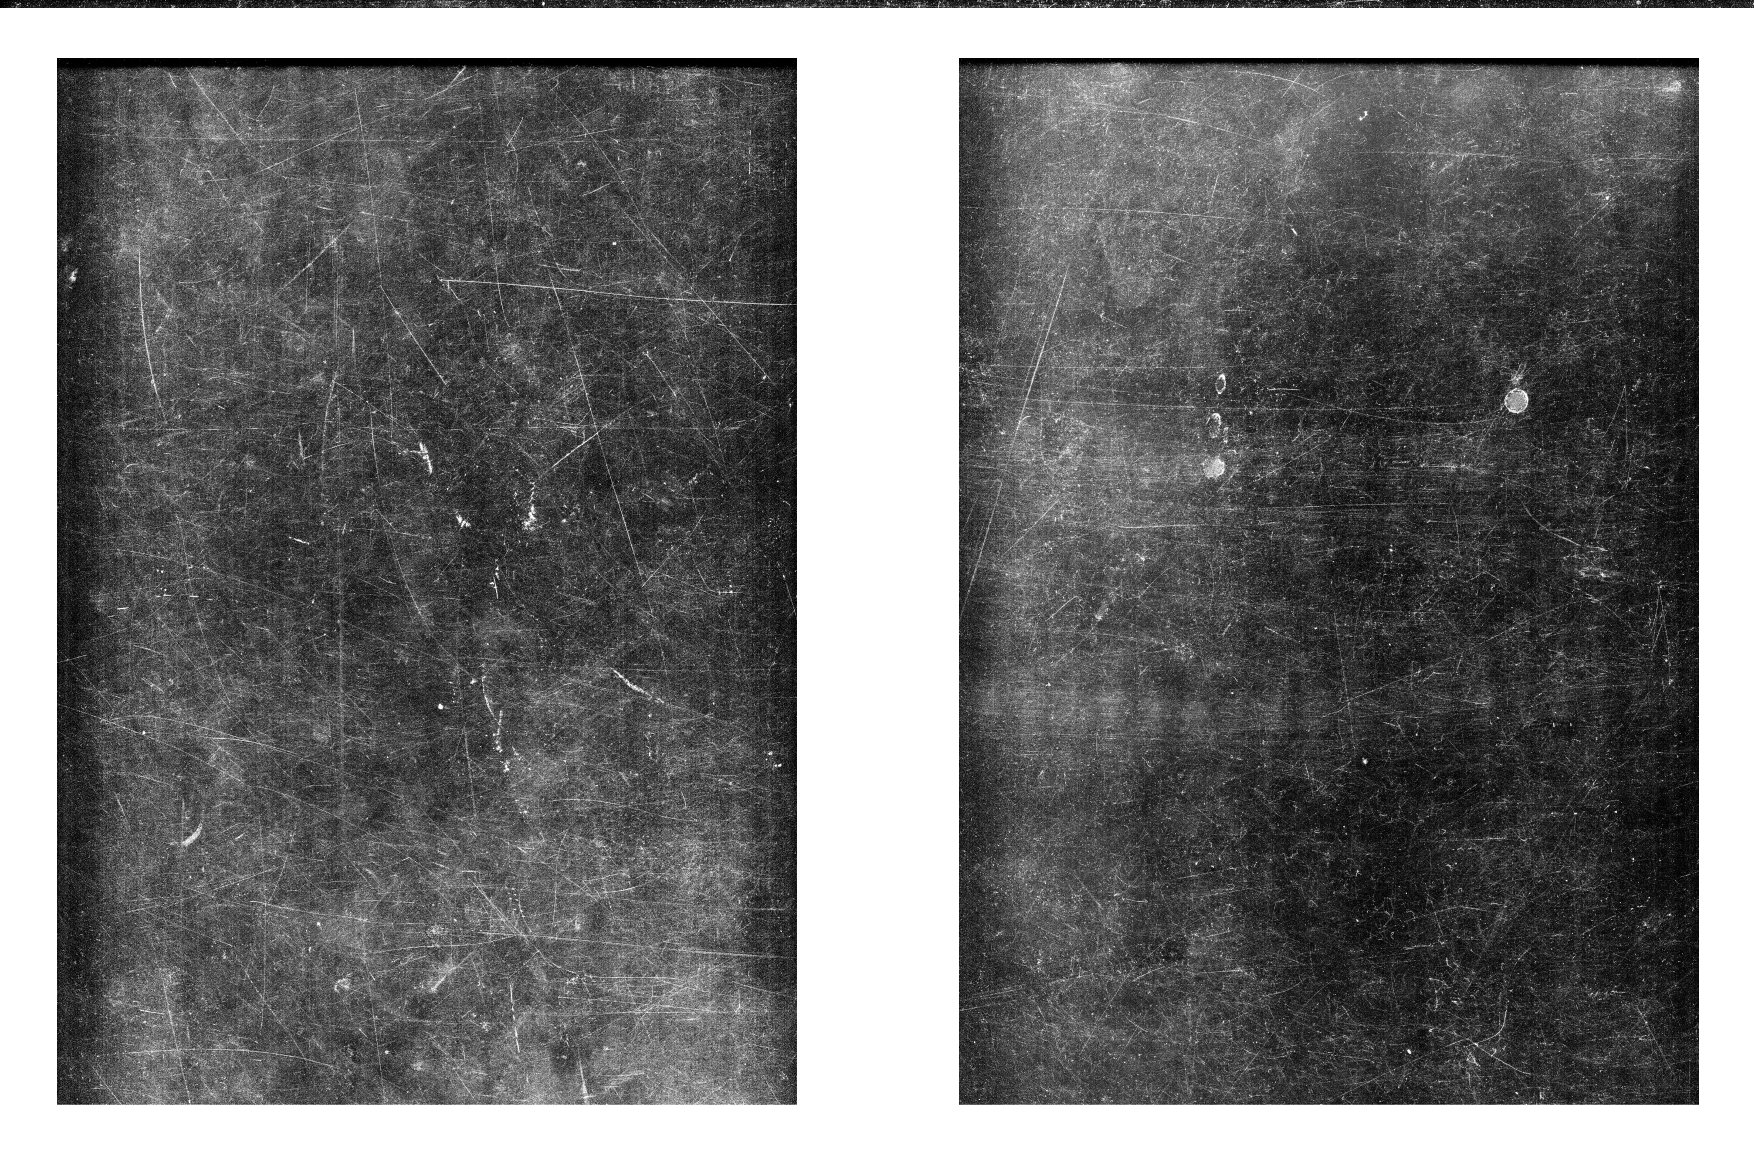 156款复古做旧折痕磨损褶皱纸张背景纹理素材合集 The Grunge Texture Bundle Vol. 1插图(50)